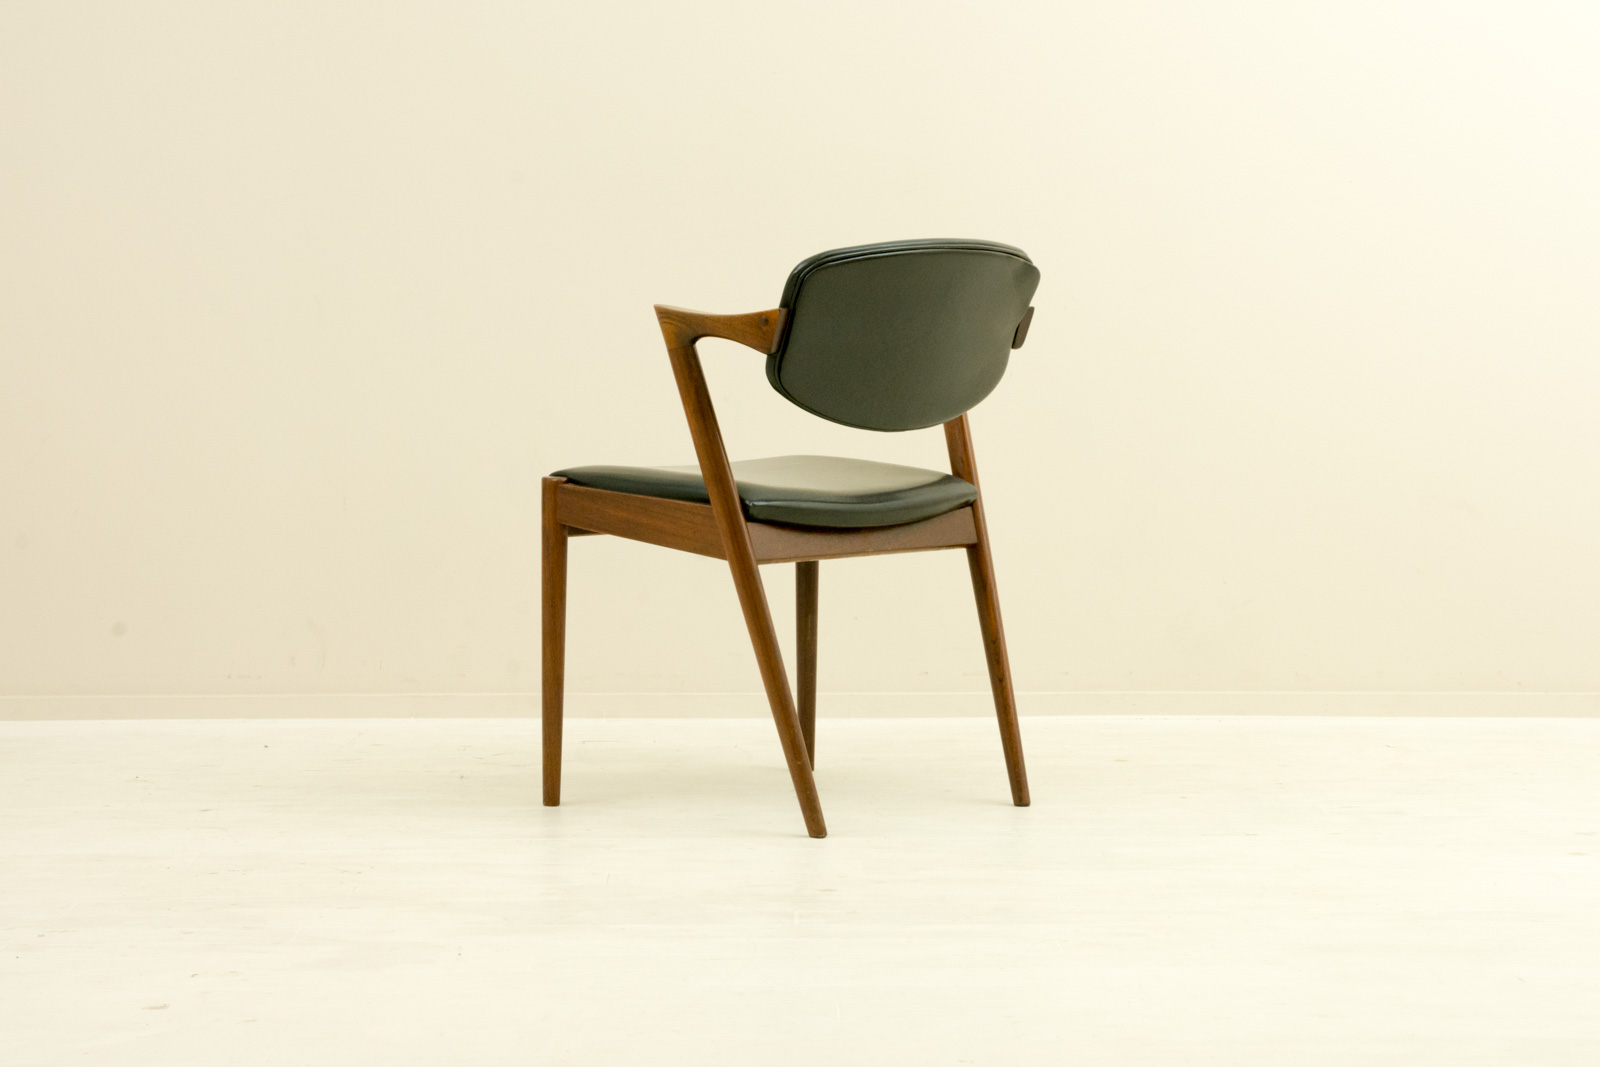 No.42 Arm Chair by Kai Kristiansen